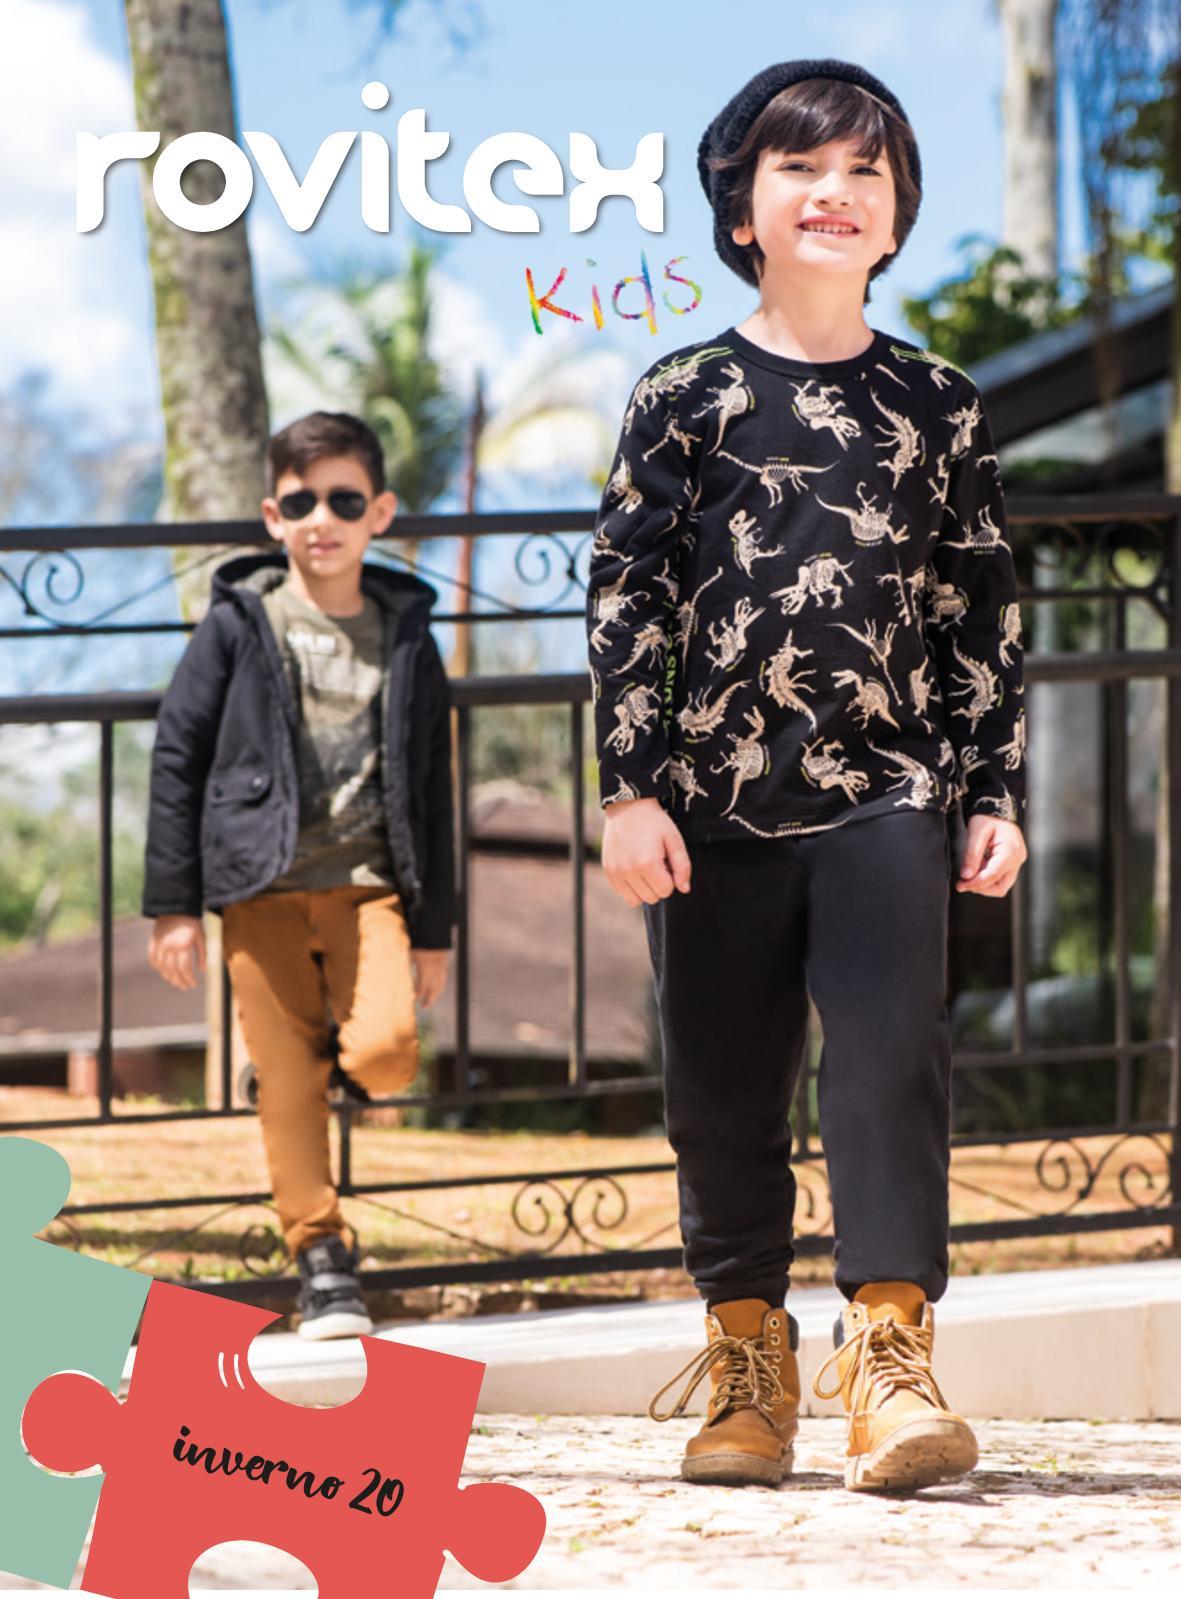 Rovitex Kids Inverno 2020